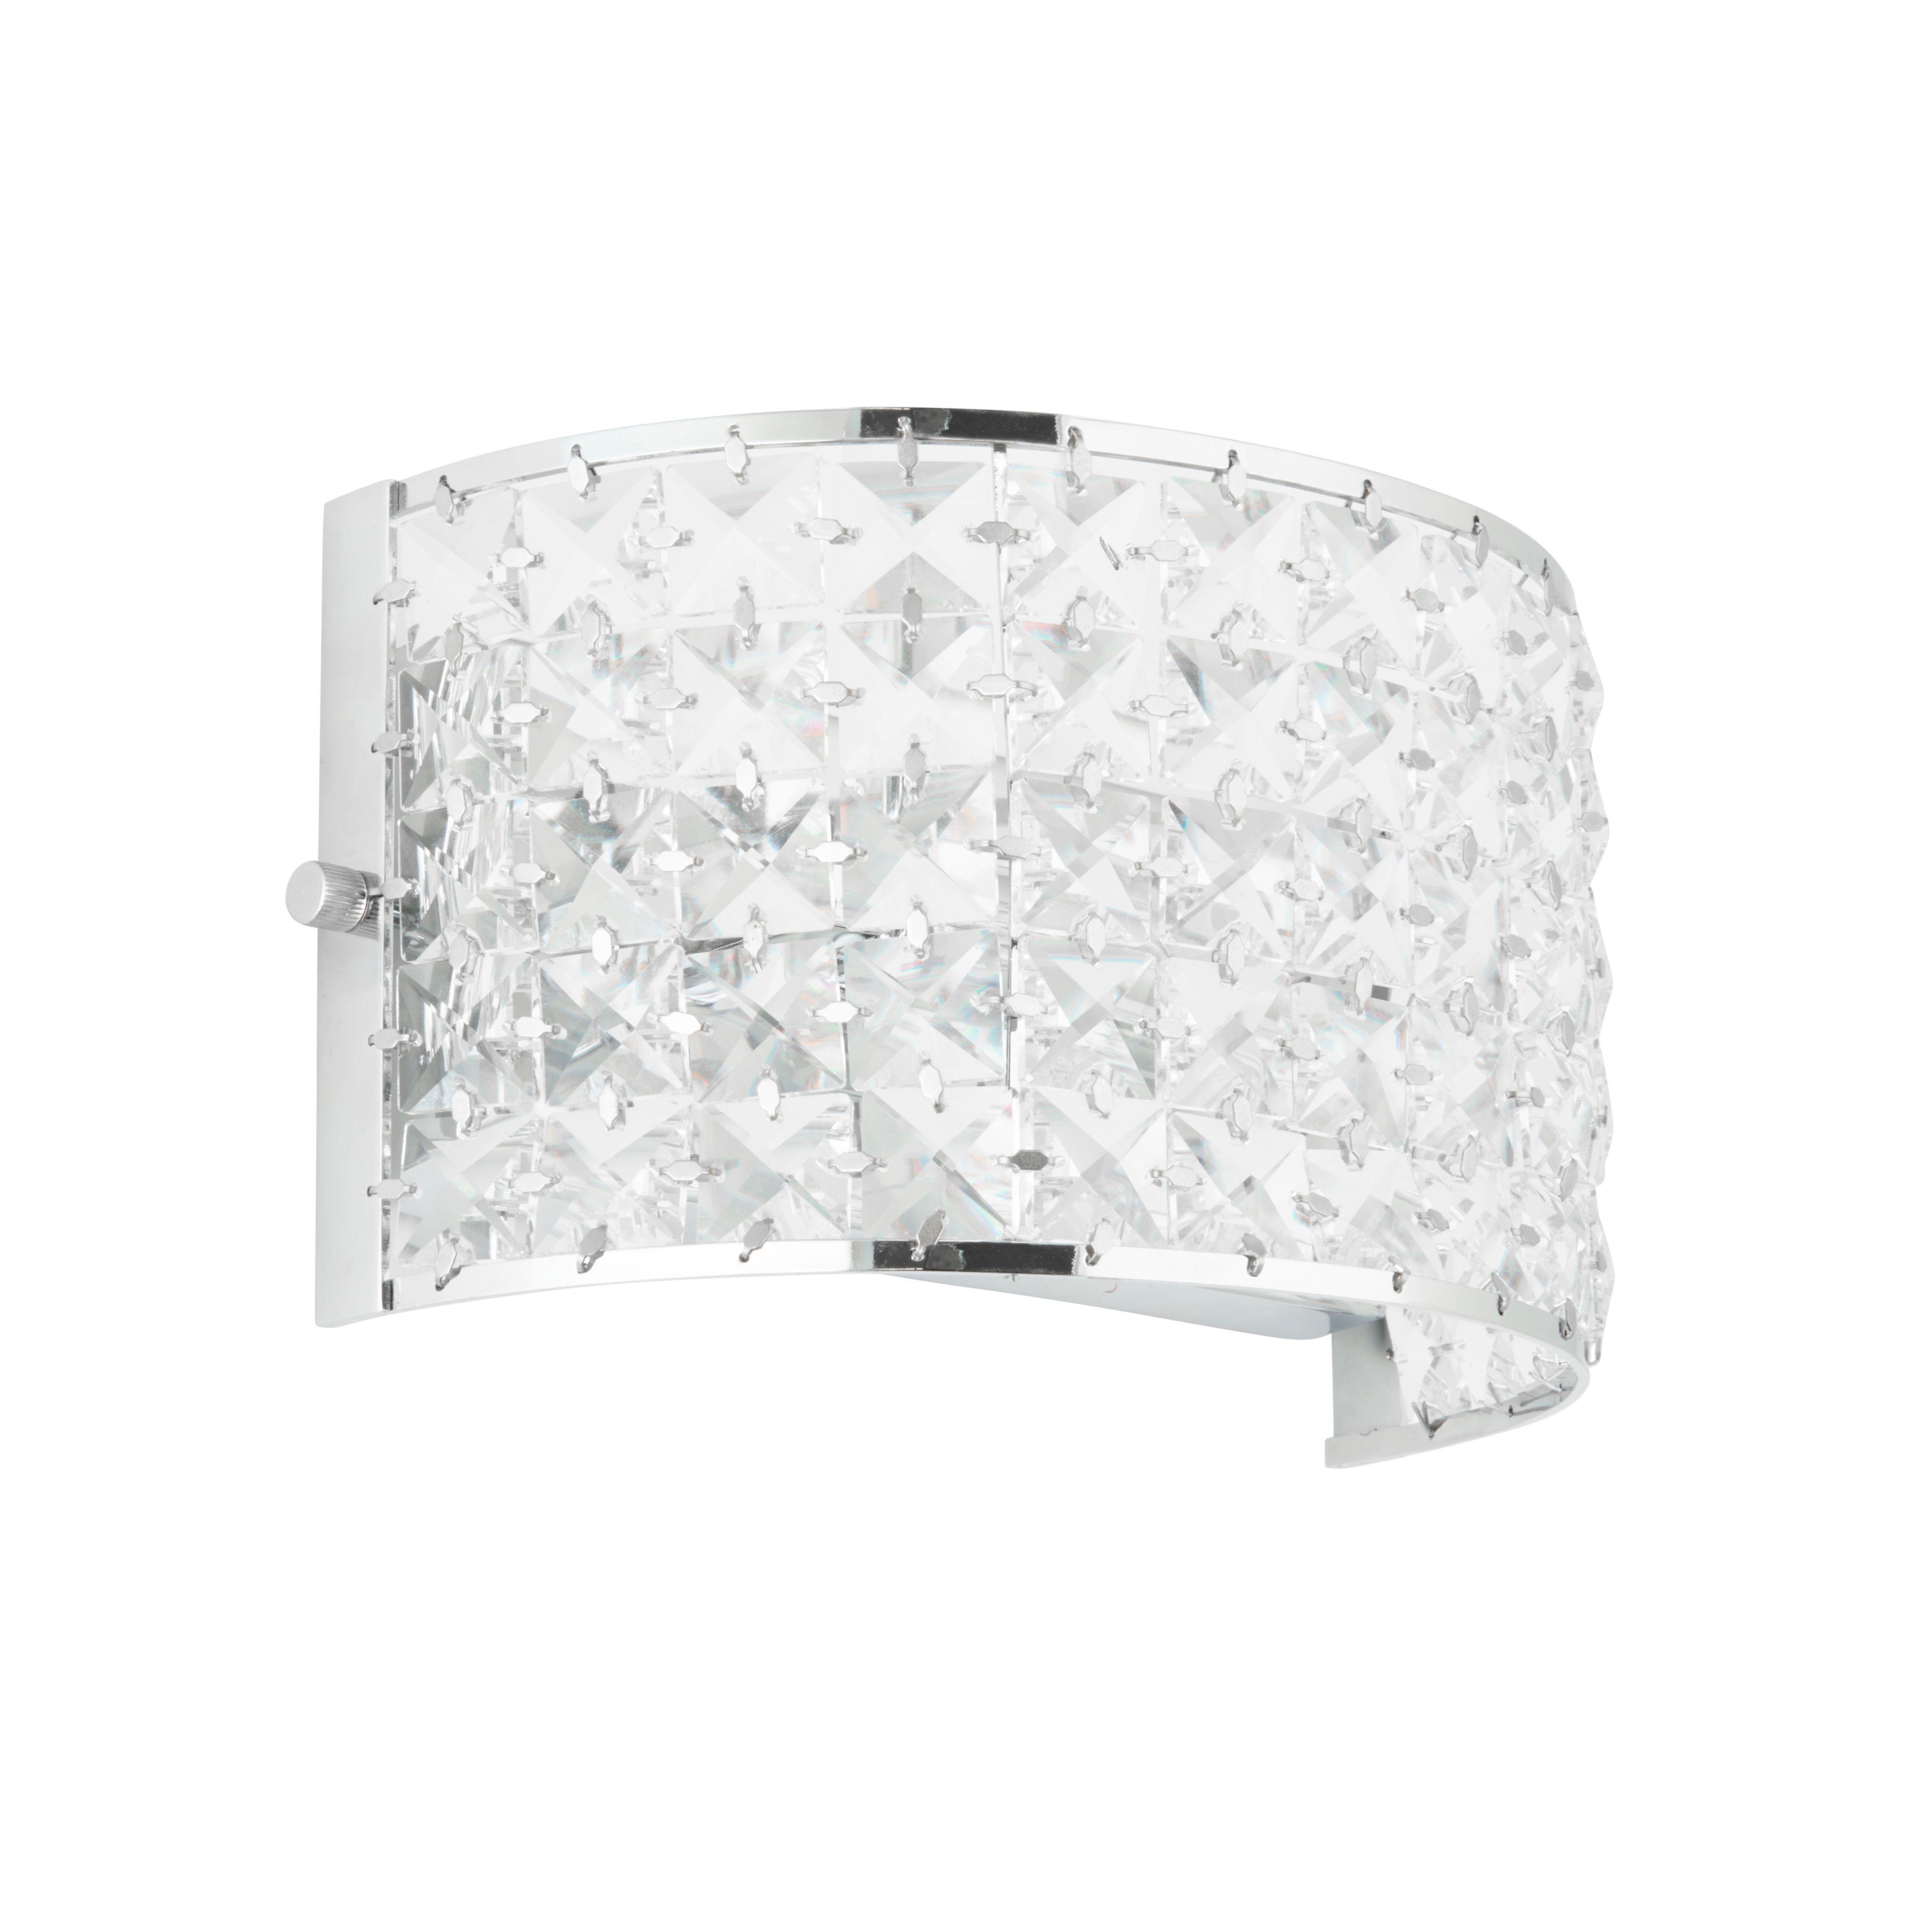 Adela Glass Beads Chrome Effect Wall Light